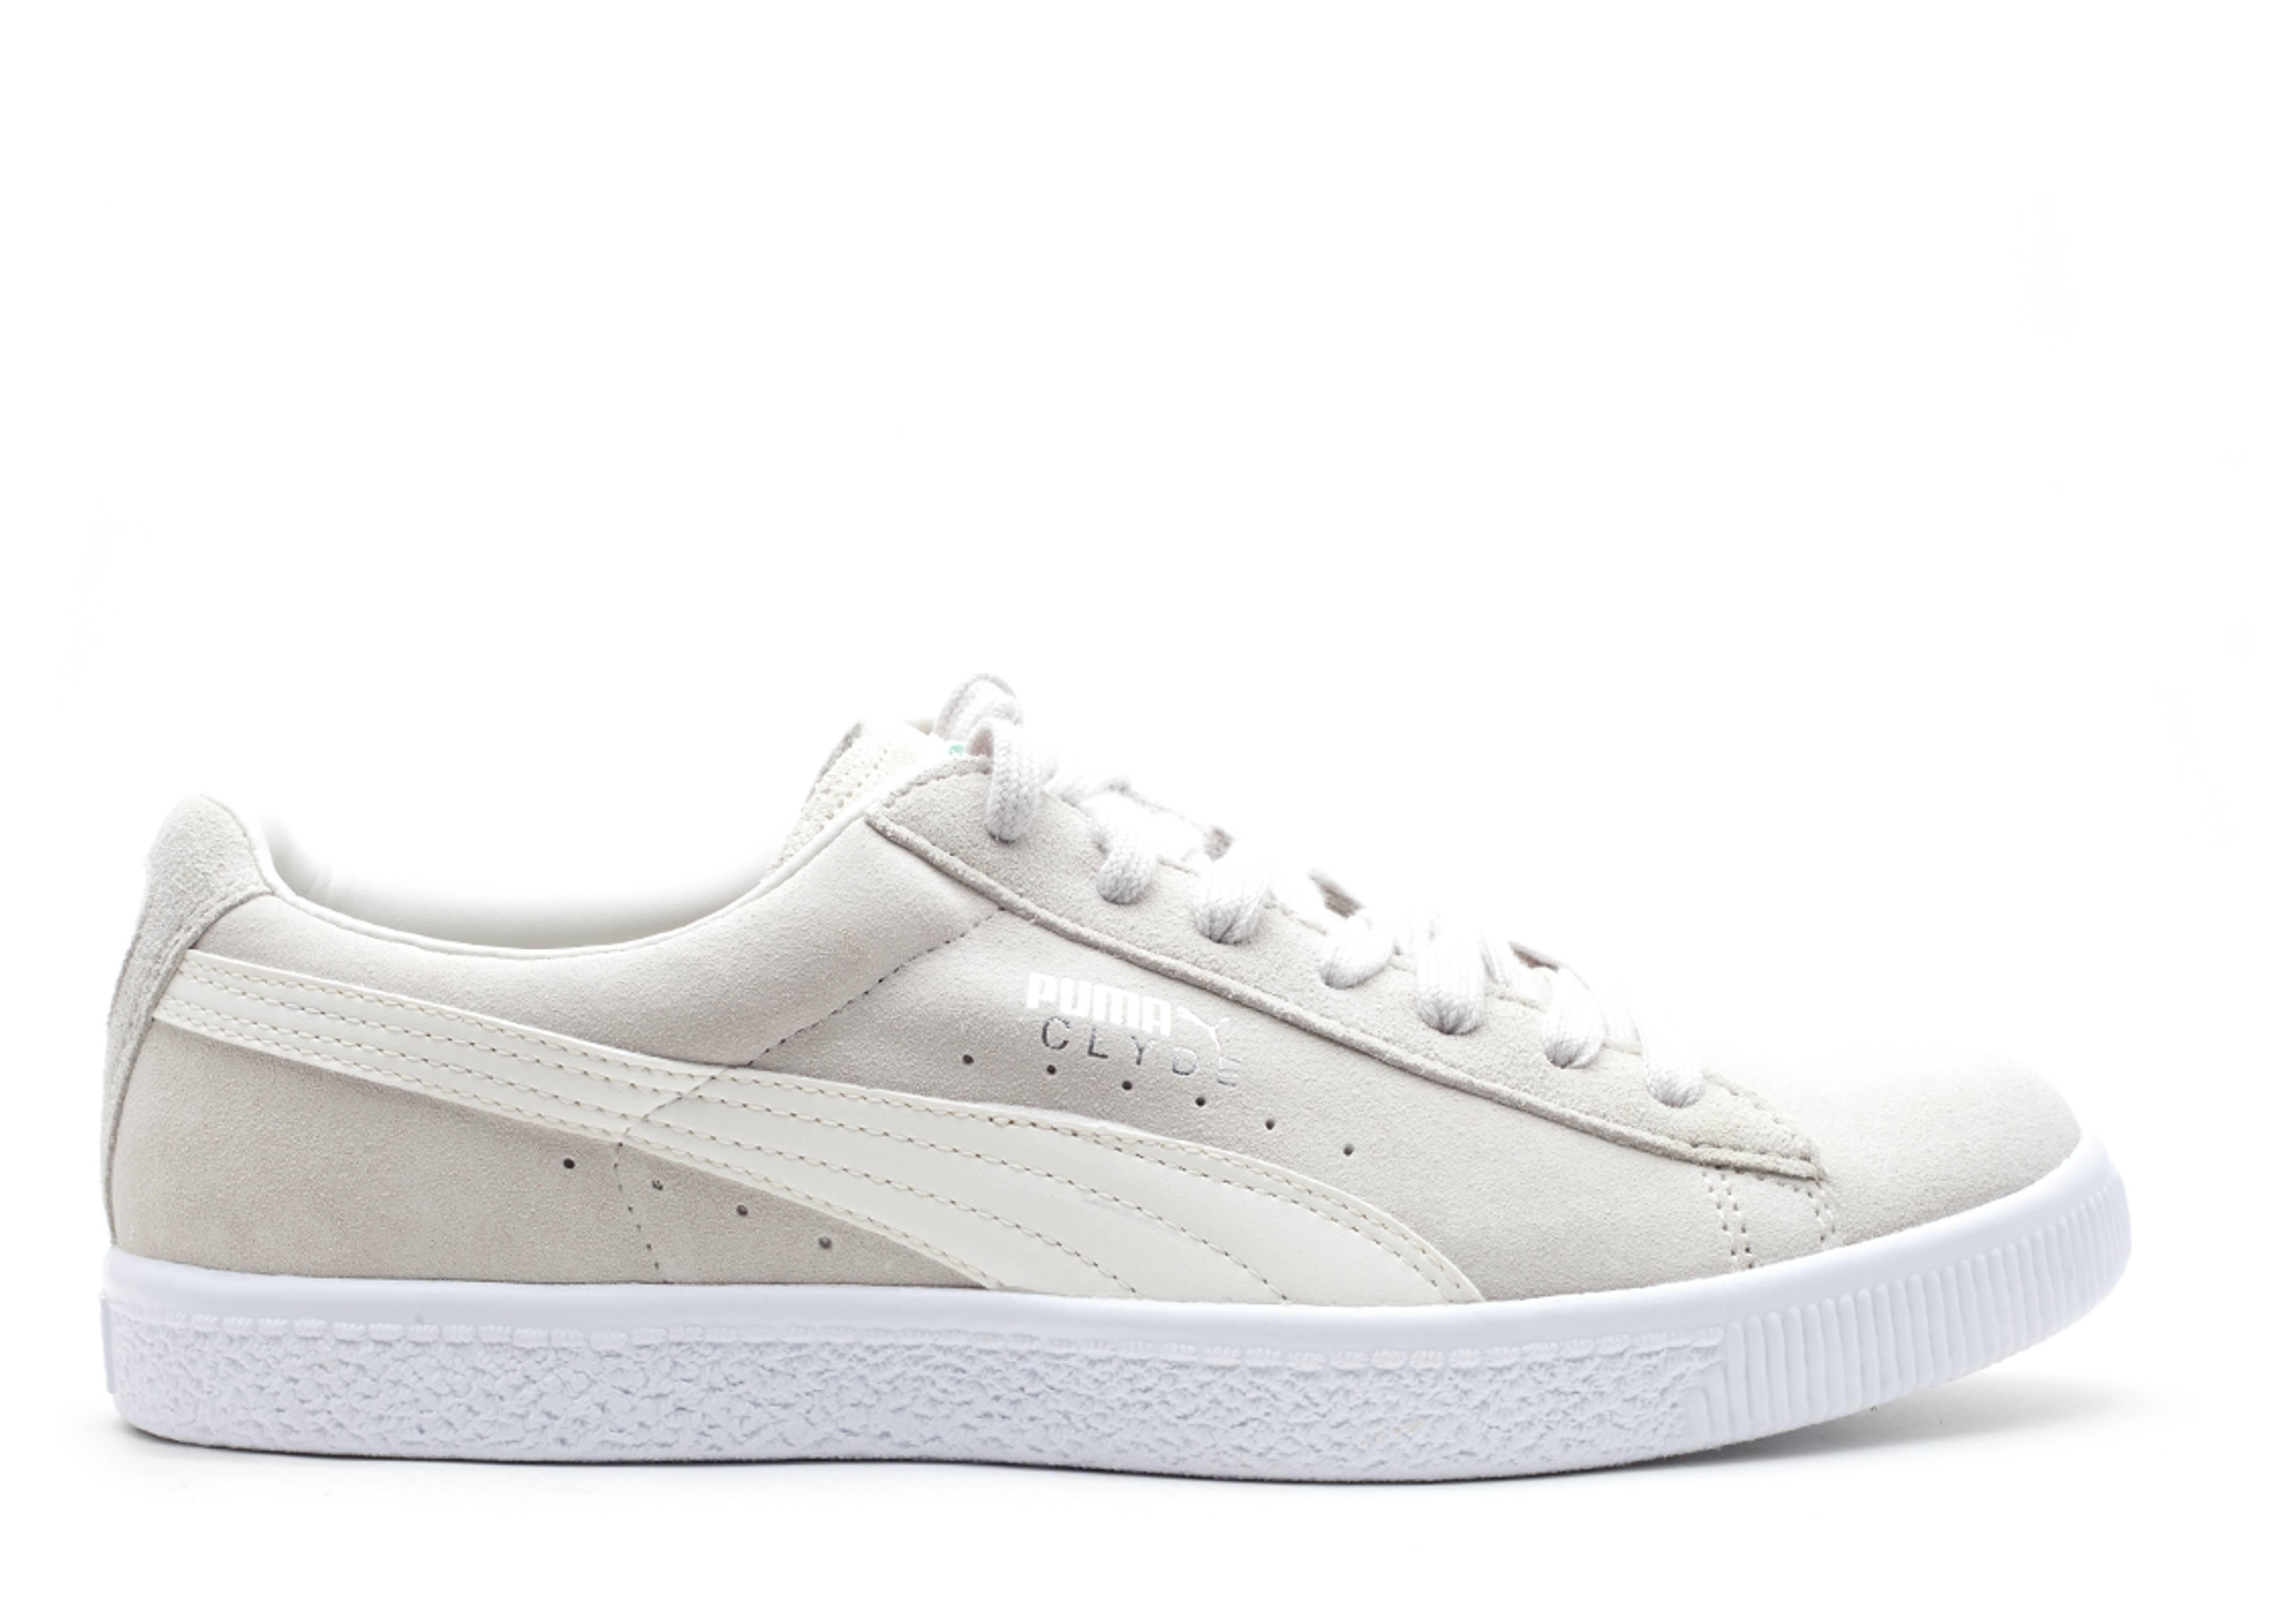 494d86b614d5 Clyde Premium - Puma - 35065306 - silver birch-whisper white ...